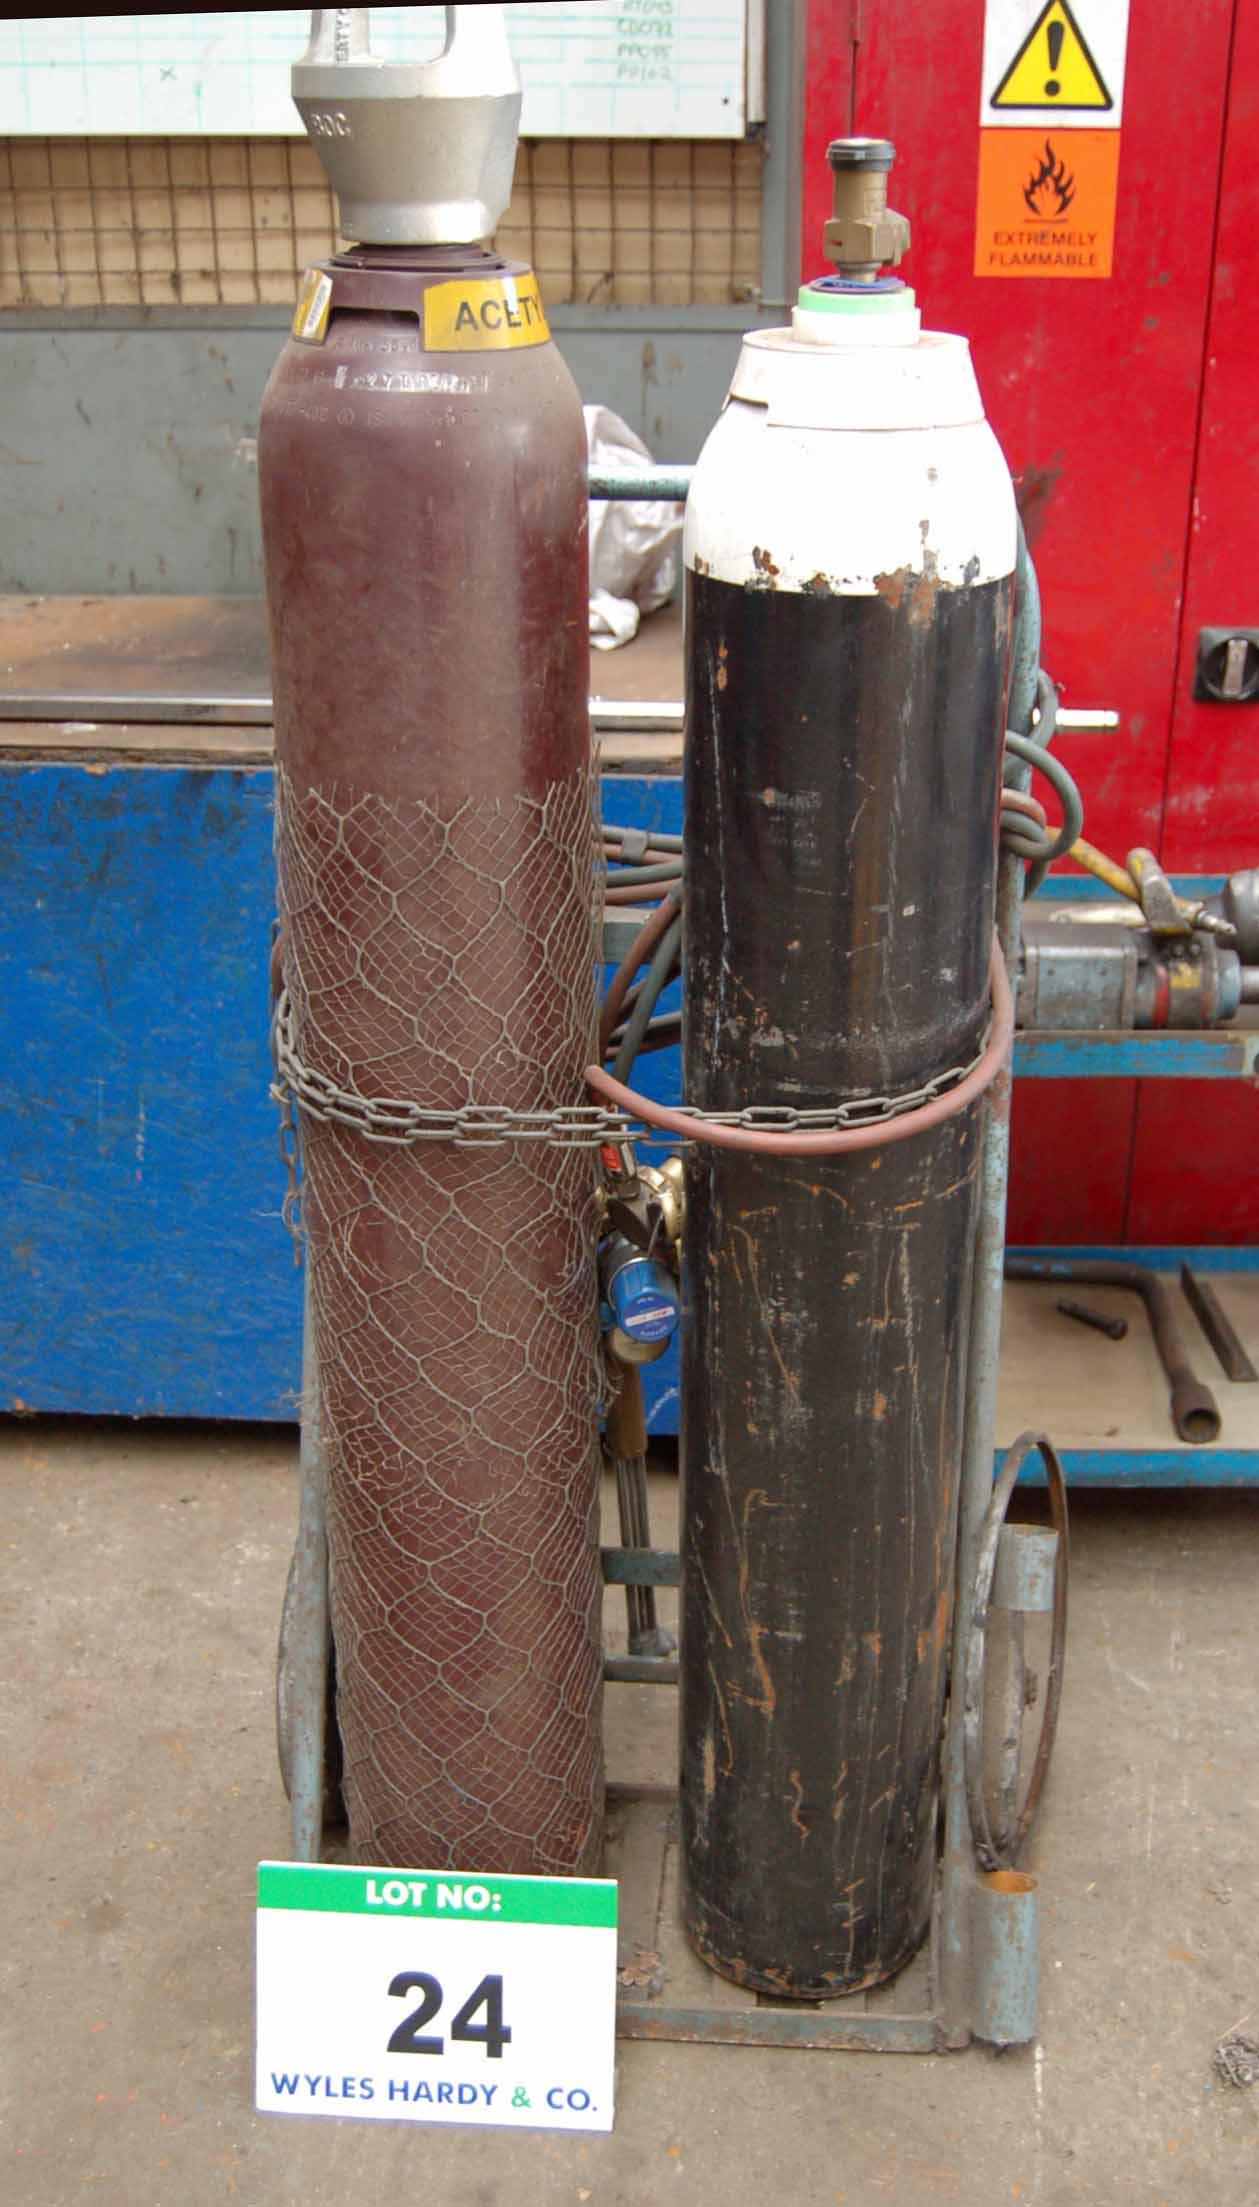 Lot 24 - An Oxy-Acetylene Welding Set with Steel Twin Bottle Trolley Regulators, Hose and Lance (Bottles